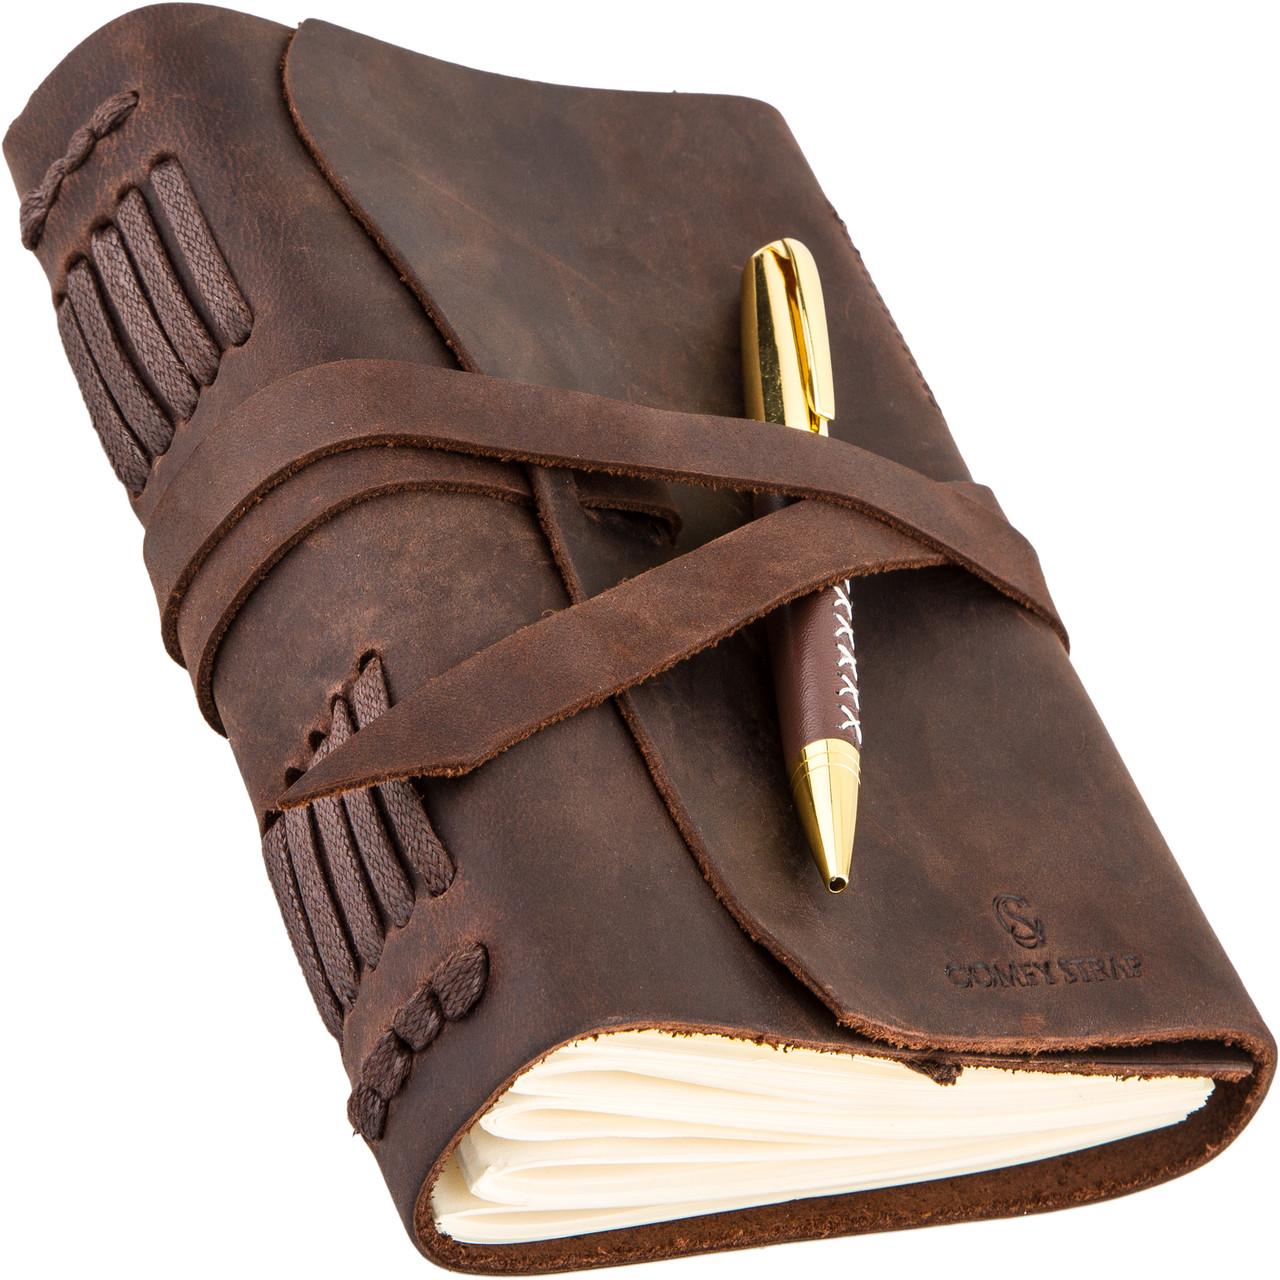 Кожаный блокнот COMFY STRAP коричневый с ручкой В6 (17,6х13,5х3,5 см) ручная работа